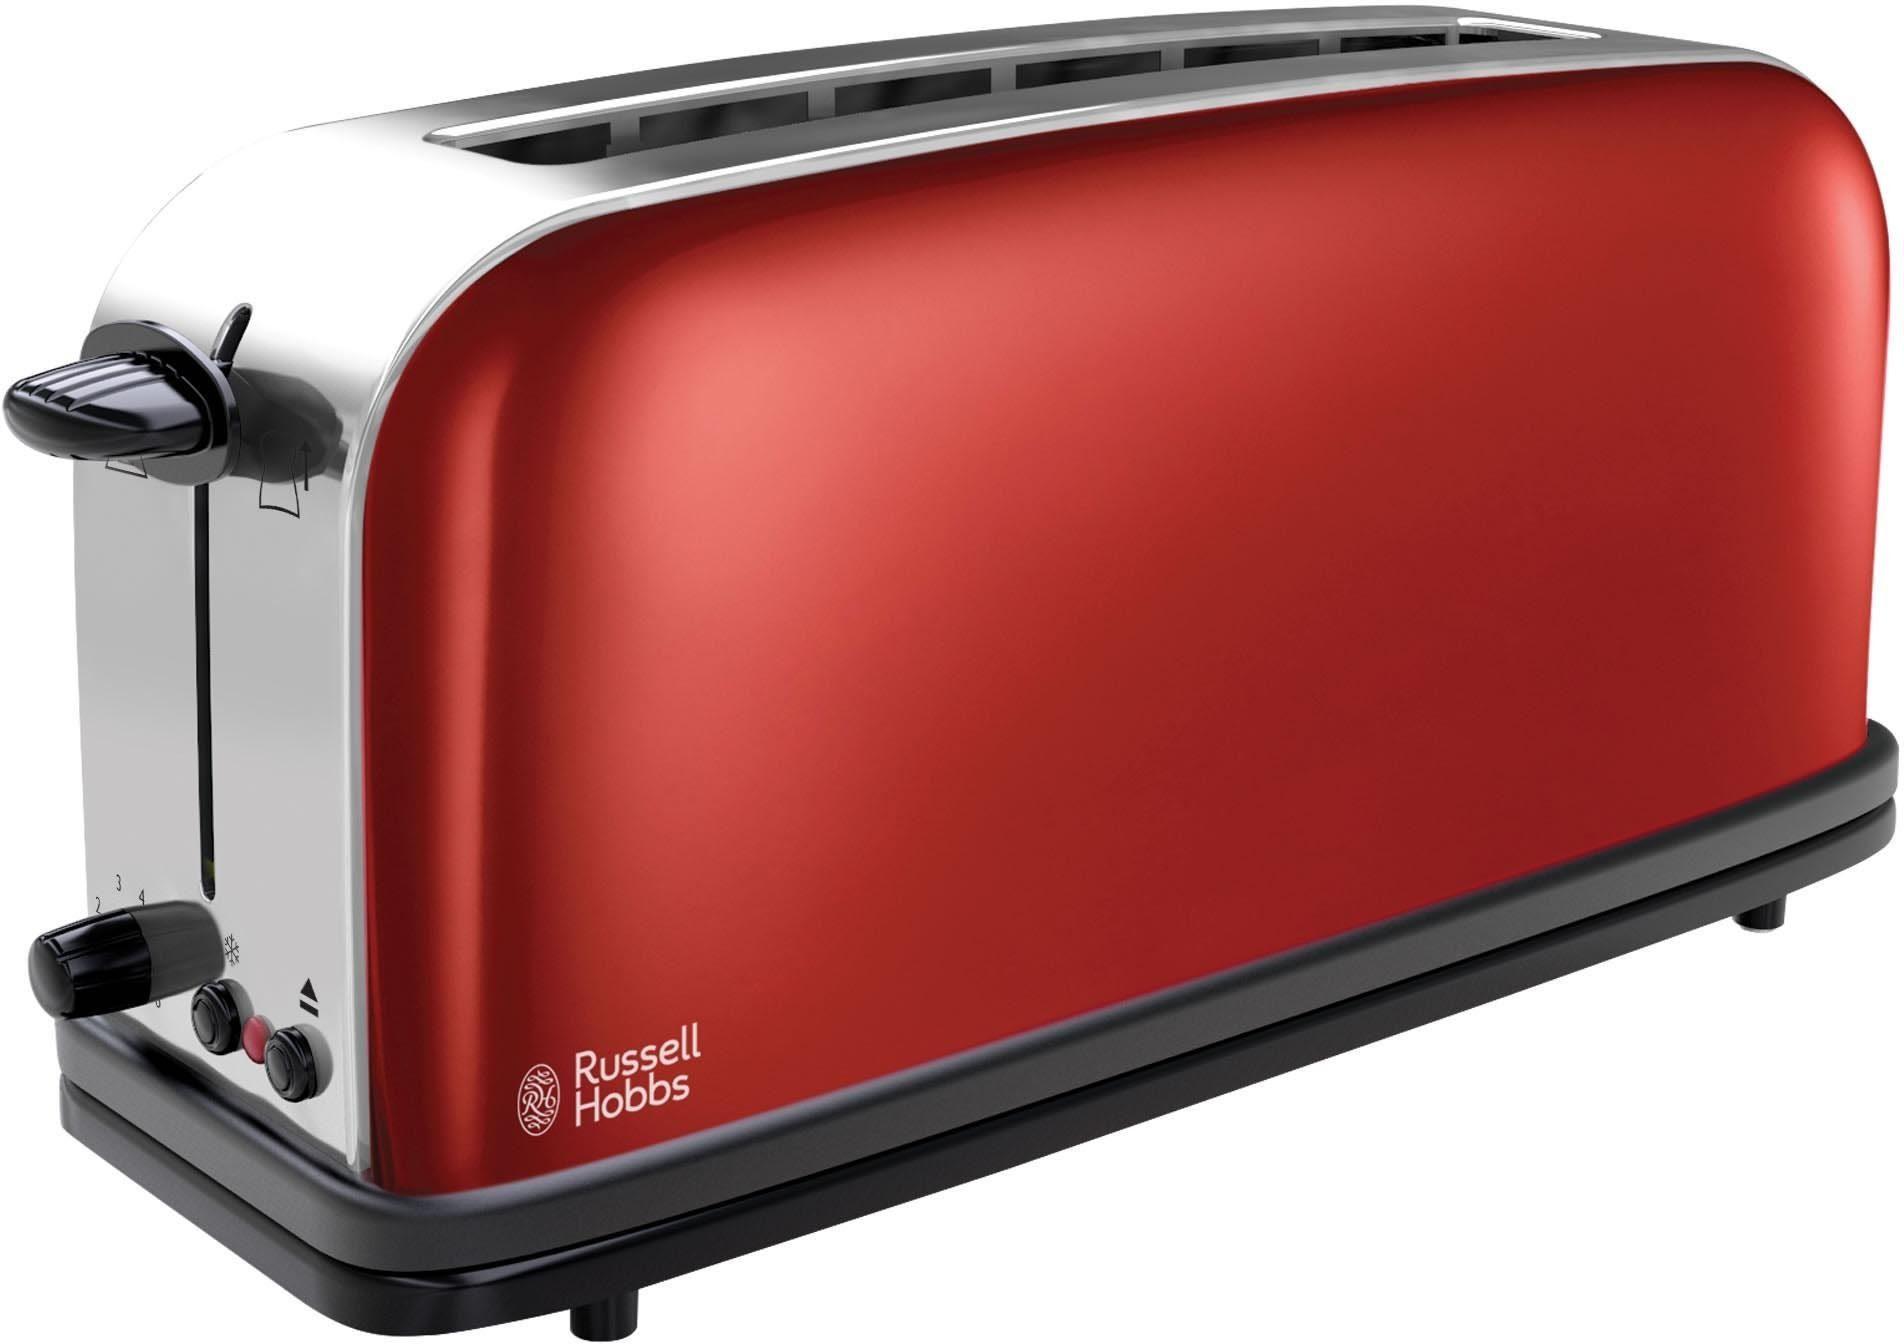 Russell Hobbs Langschlitz-Toaster Colours Flame Red 21391-56, 1000 Watt, Edelstahl rot lackiert